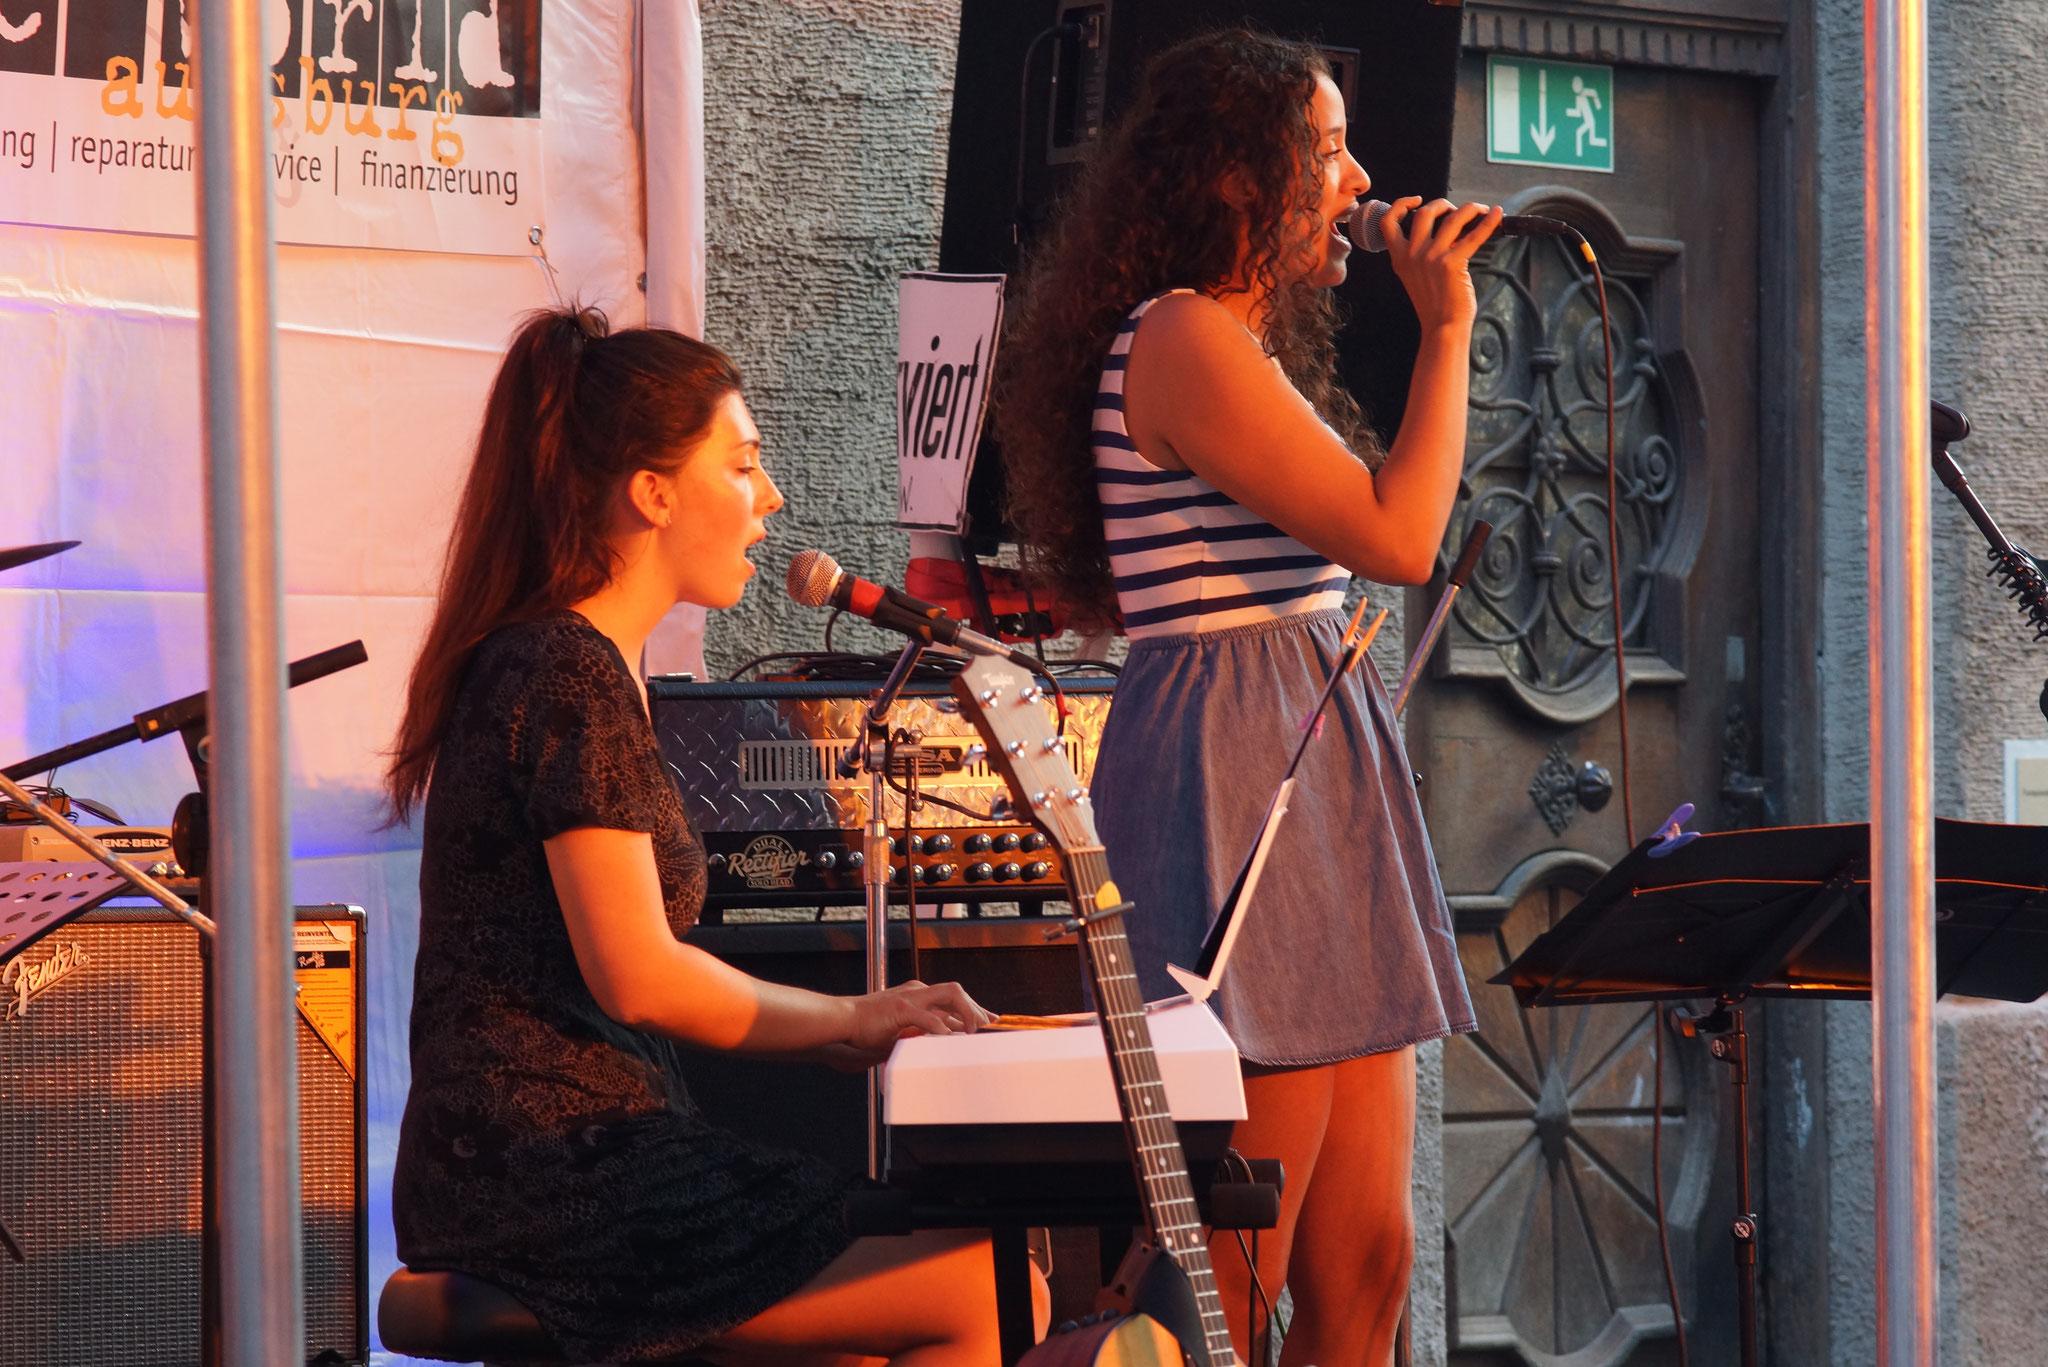 Konzerte im Bürgerhof 09.07.16 Fireflies - Freiwilligen-Zentrum Augsburg - Foto: Crayfish